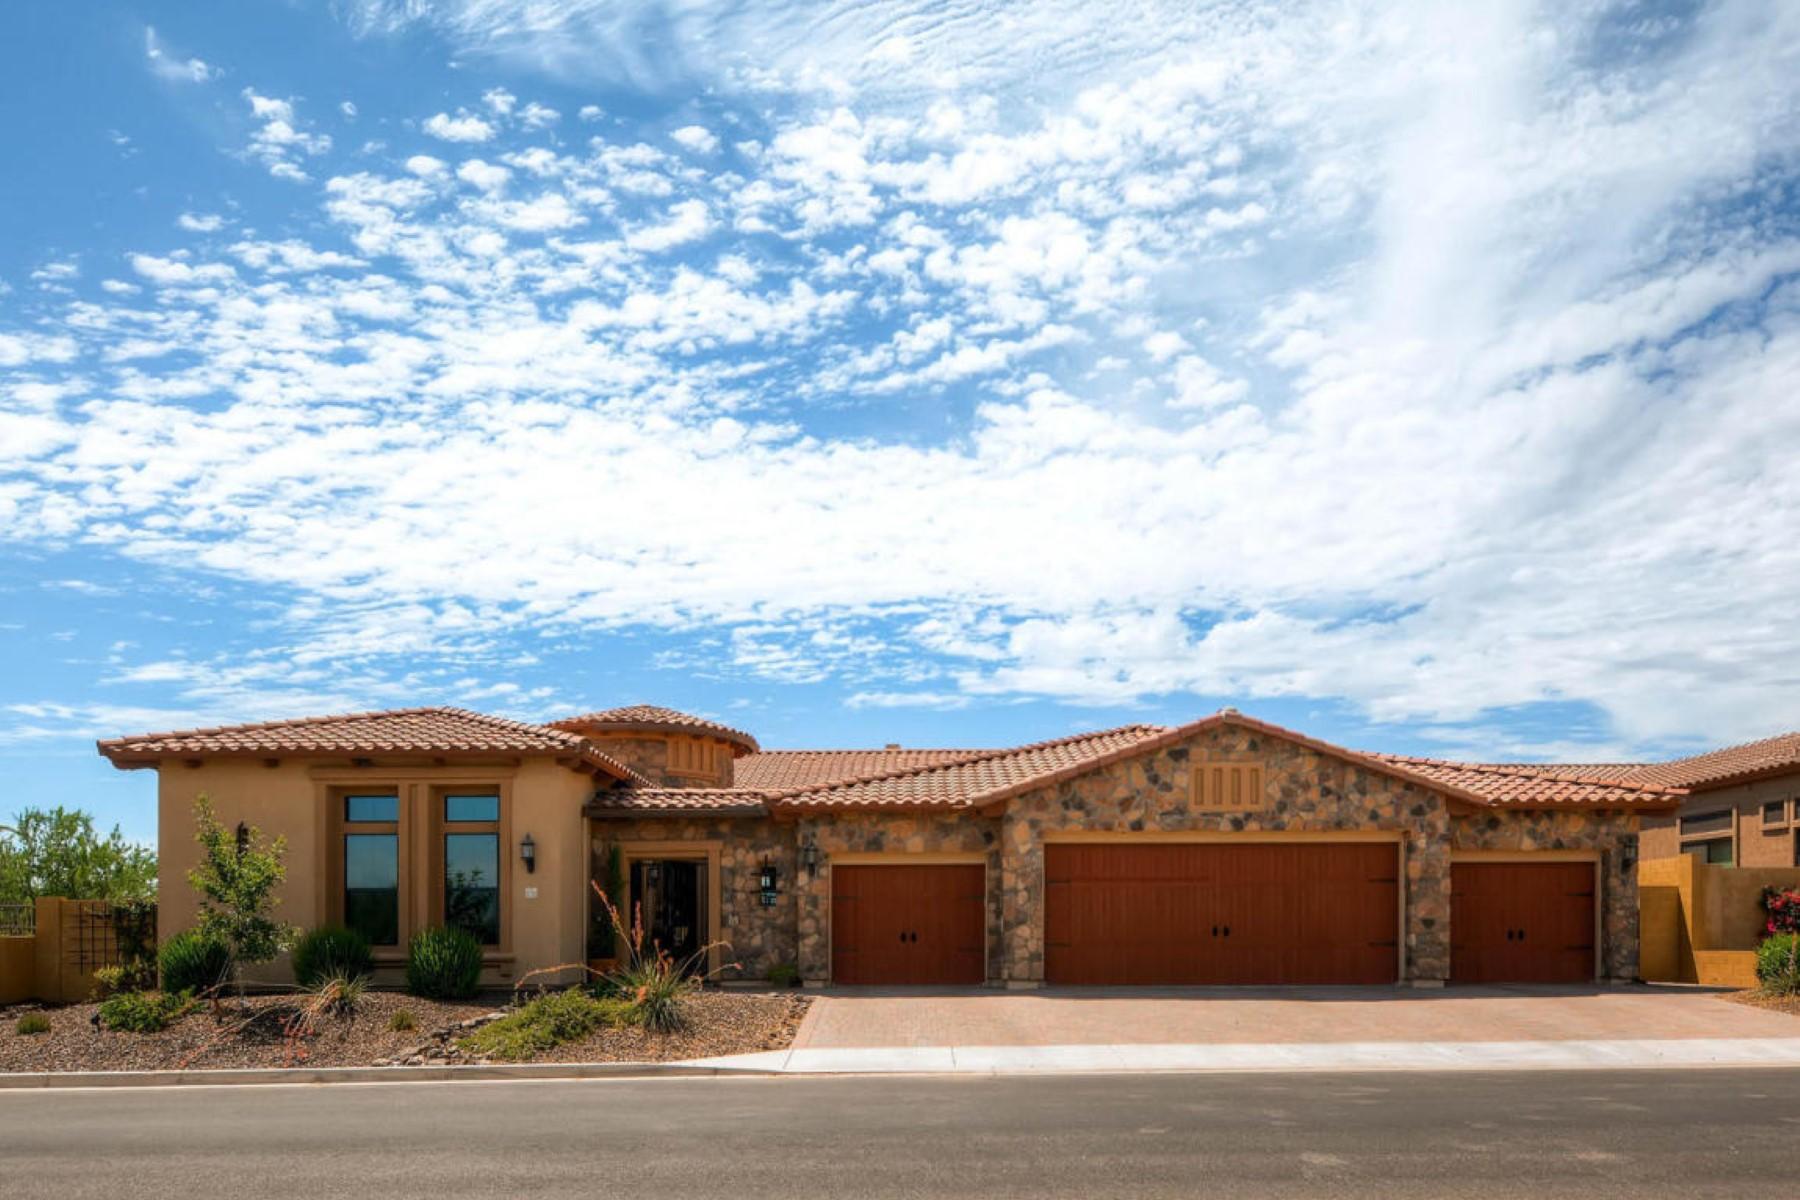 Nhà ở một gia đình vì Bán tại Lavish finishes adorn this turnkey home with beautiful wood flooring. 1734 N Luther -- W Mesa, Arizona 85207 Hoa Kỳ